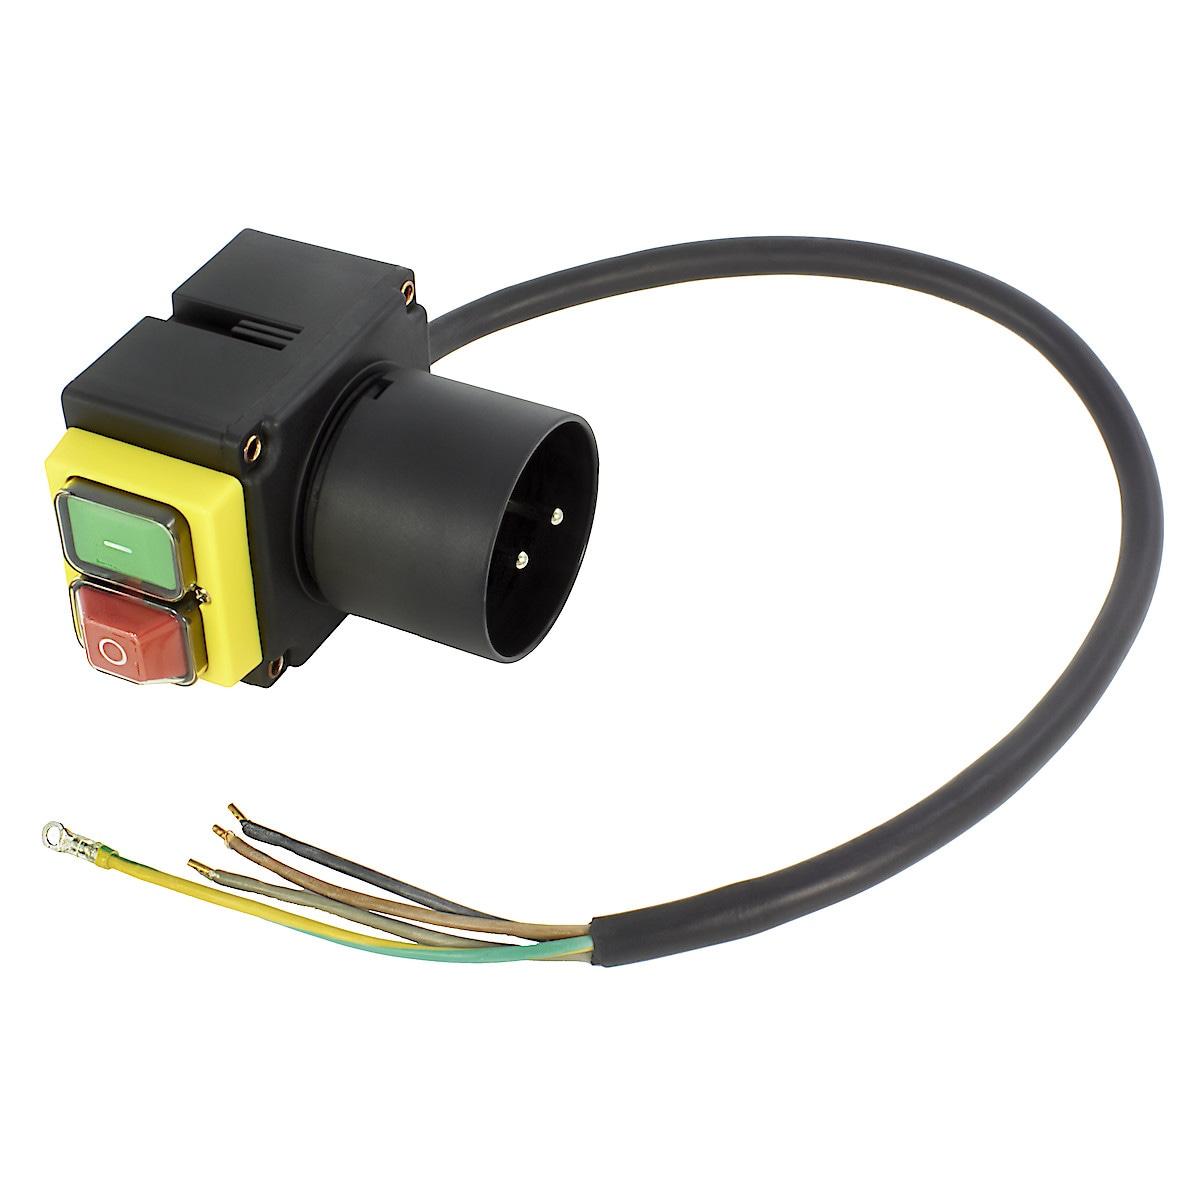 Bryter On/Off 230 V Cotech